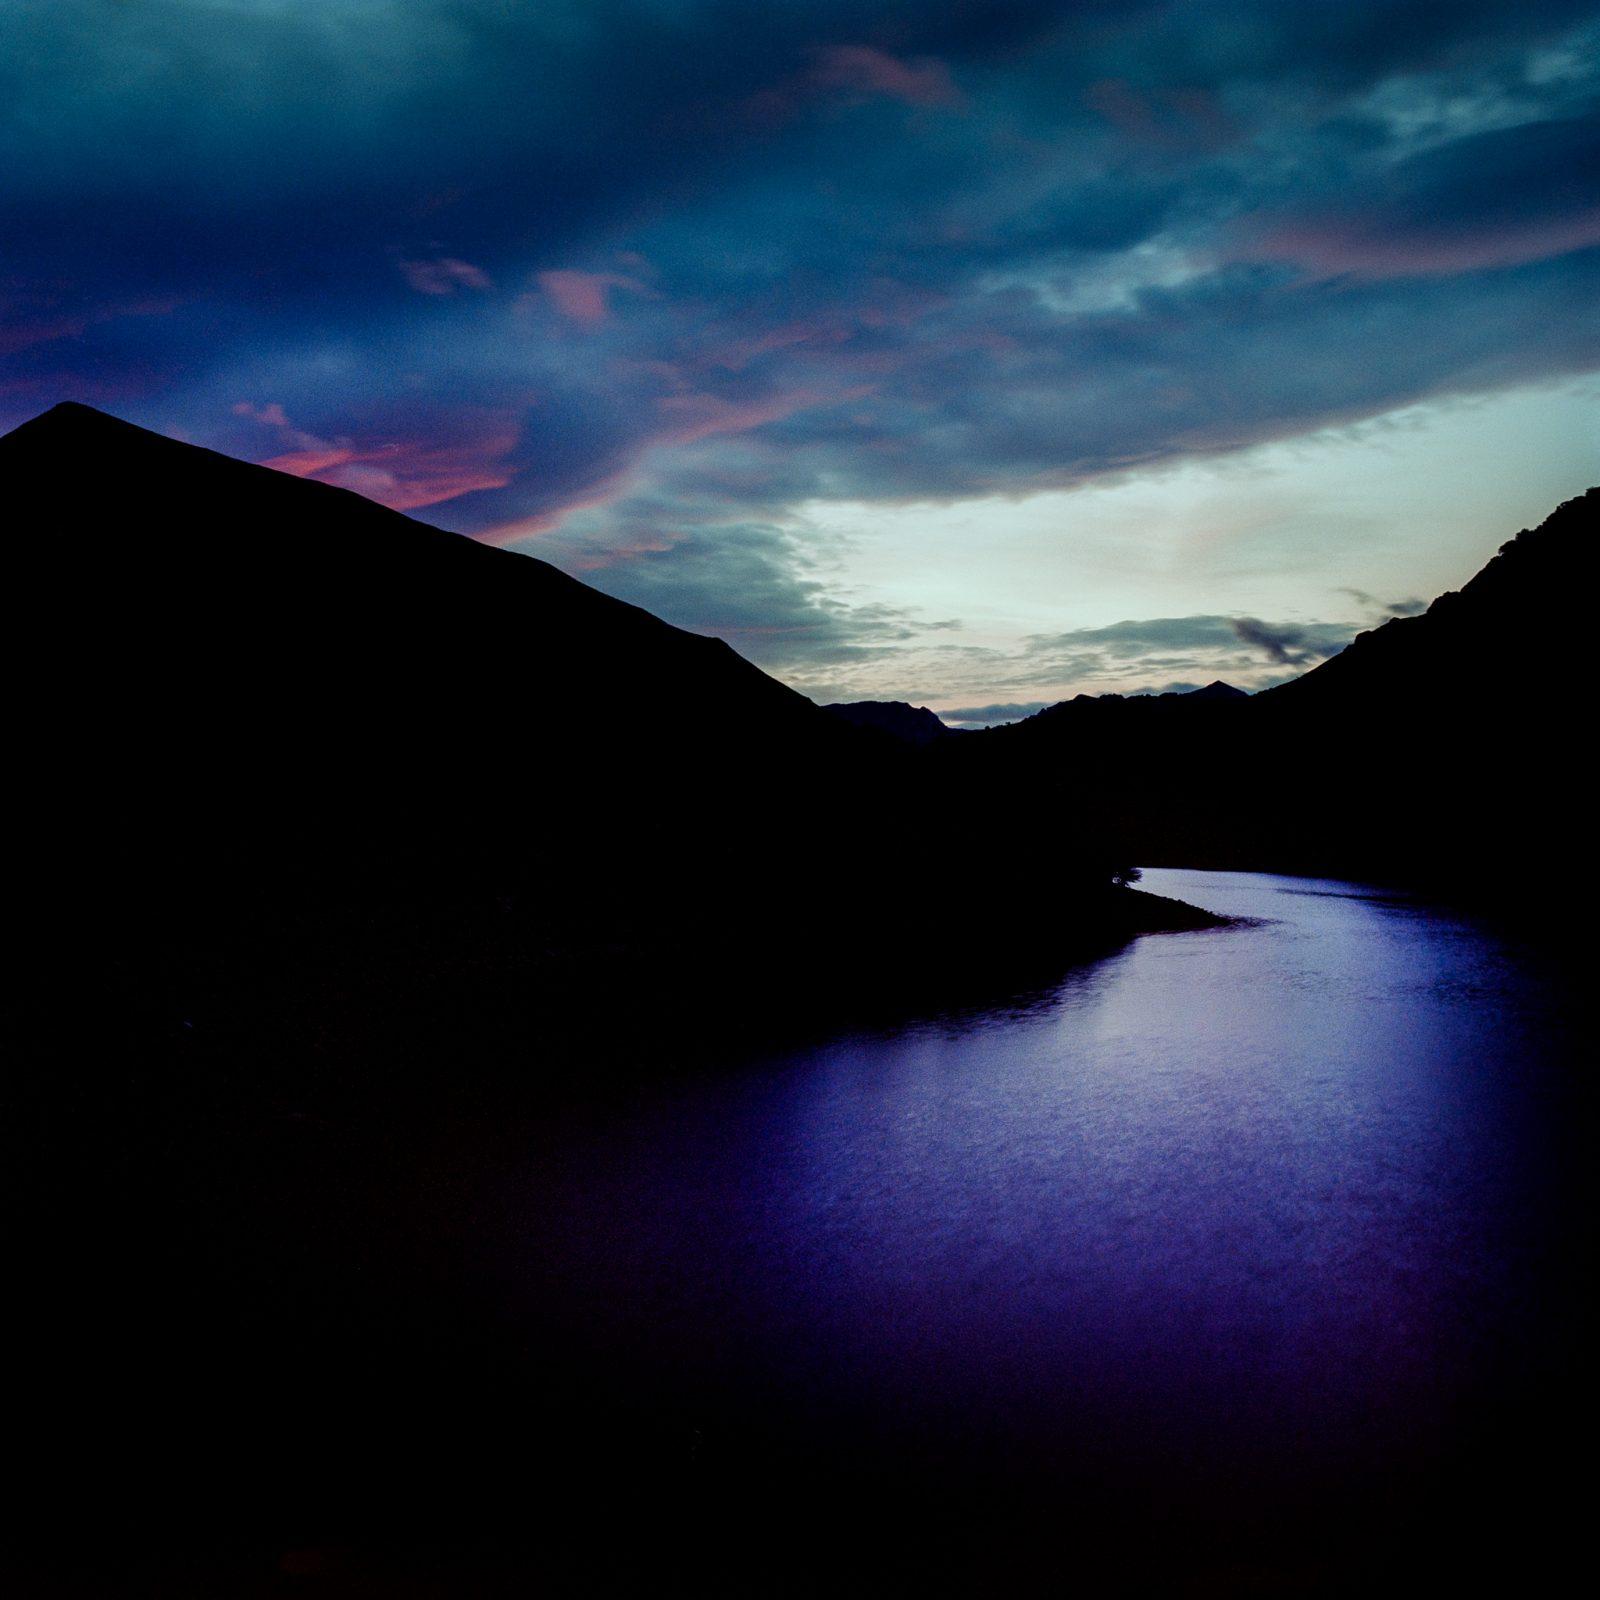 Dawn, Embalse de Tanes